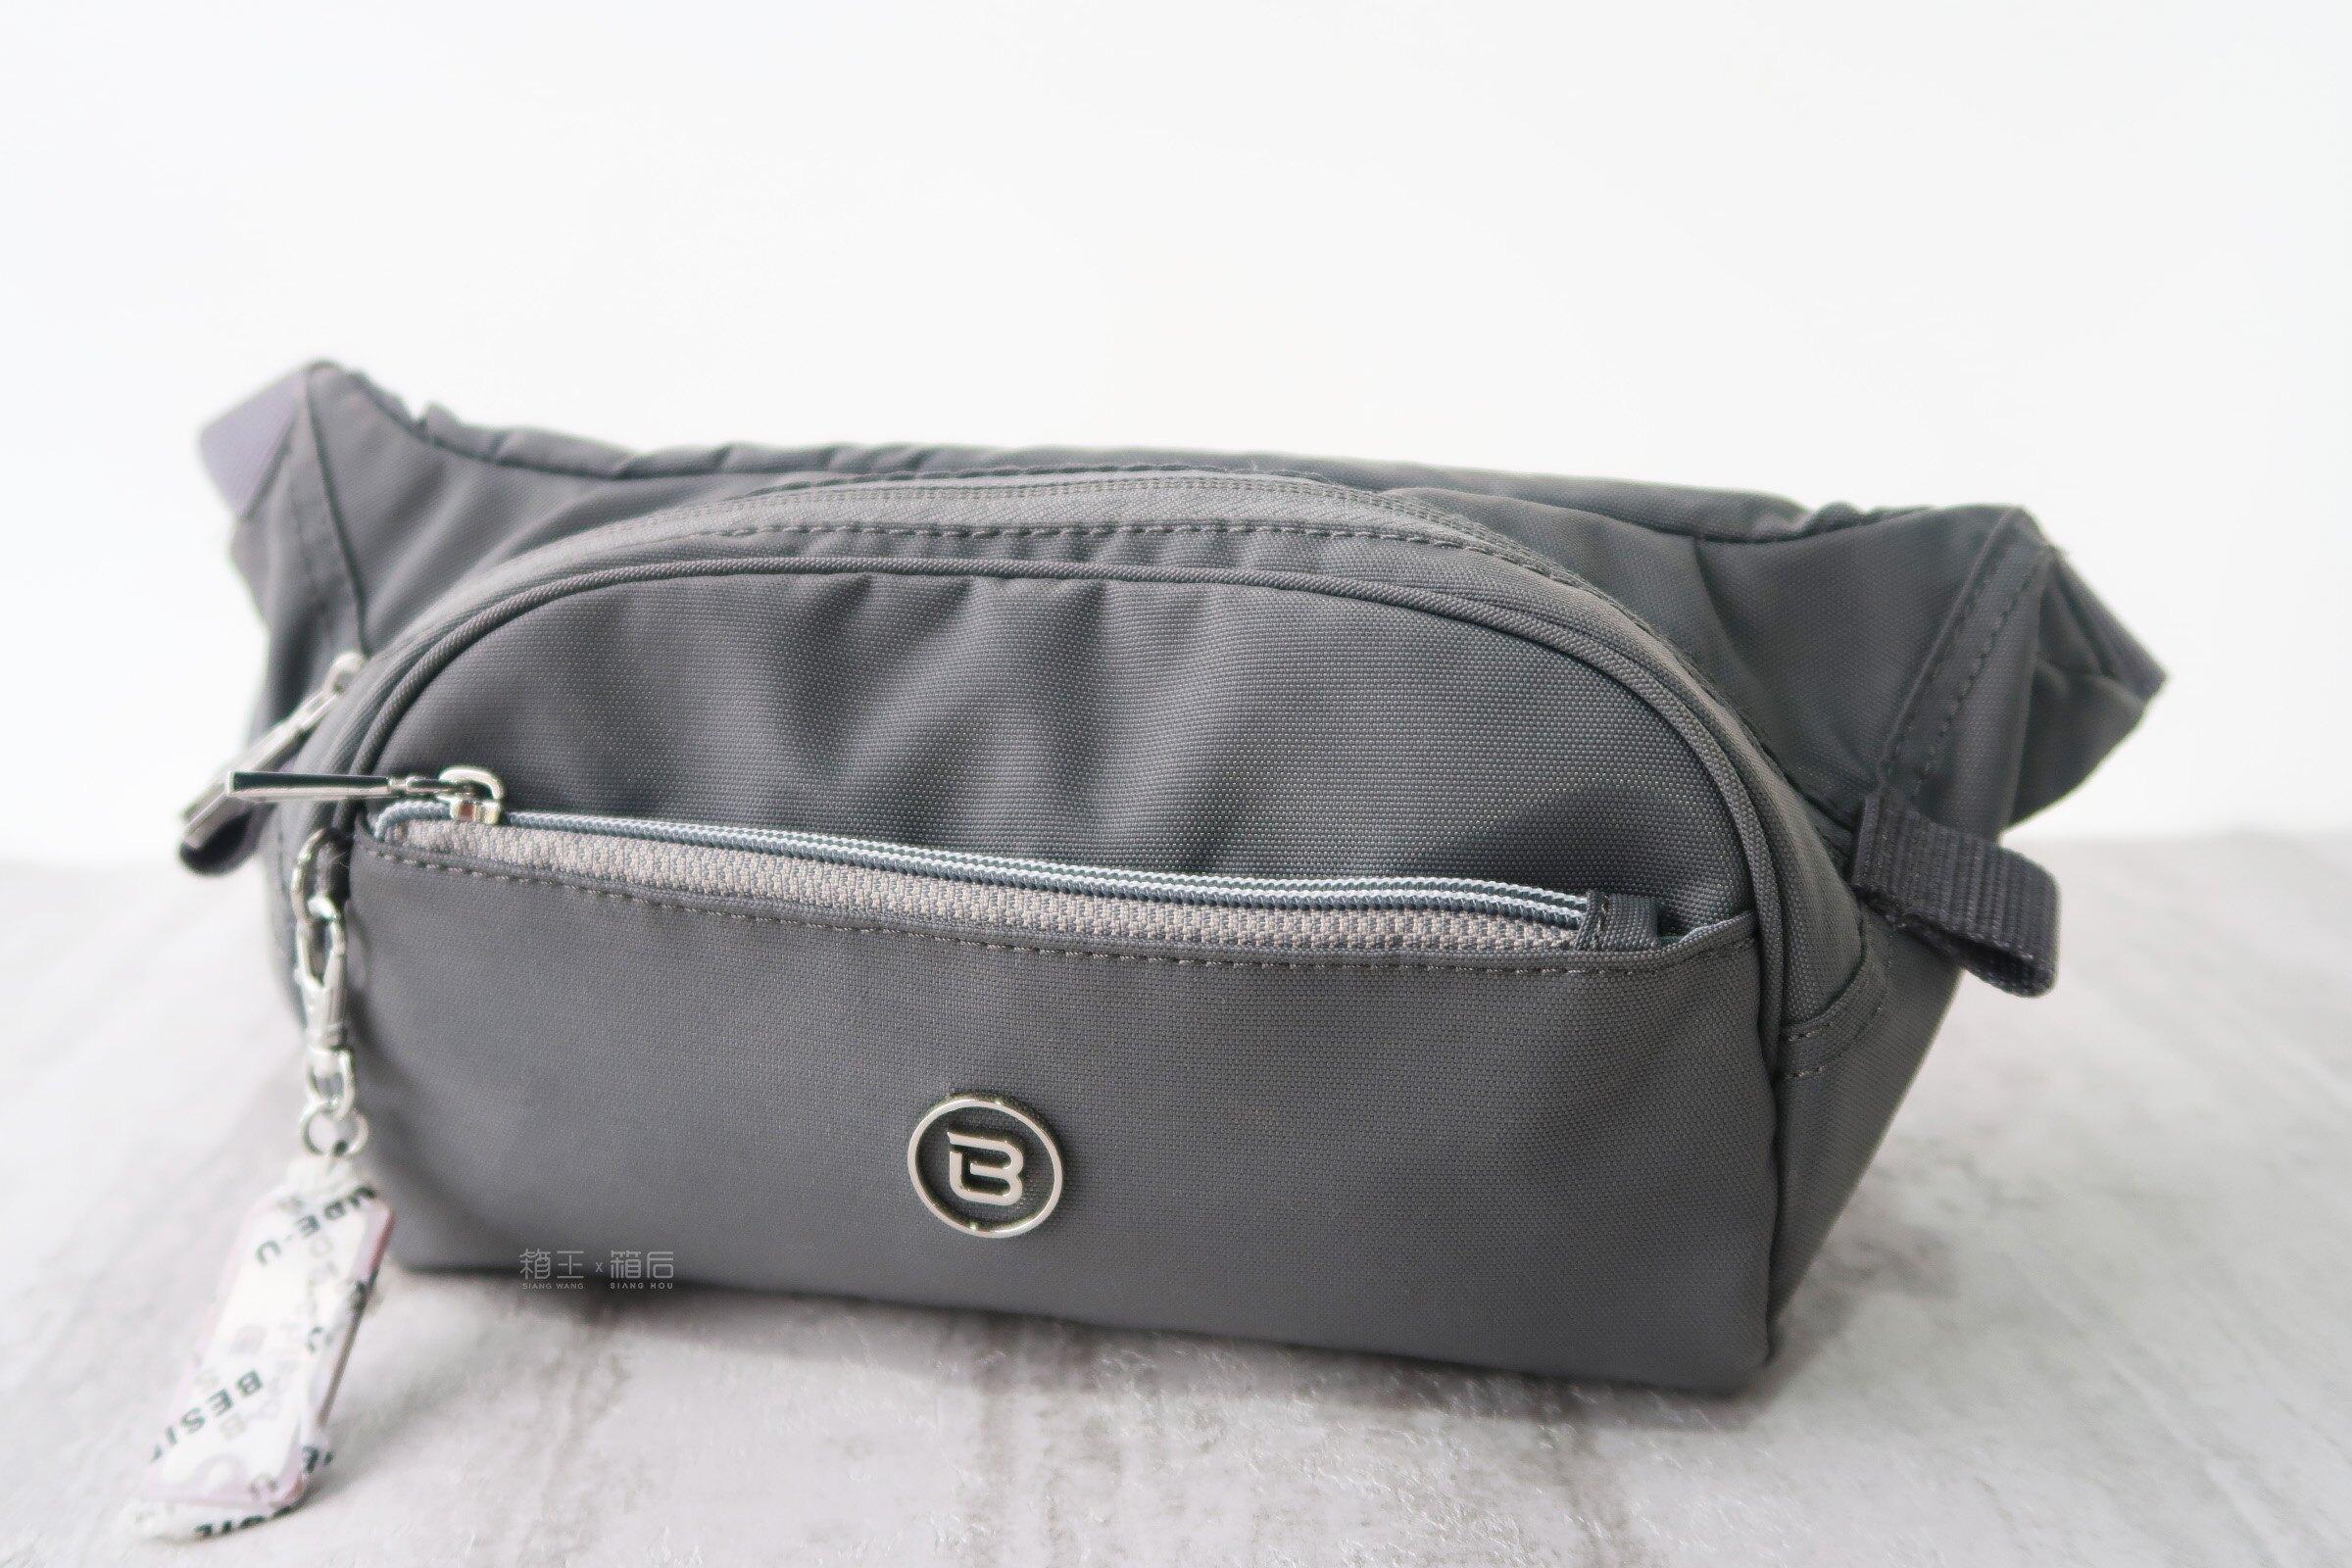 BESIDE-U 超輕 多夾層 腰包 防盜包 胸包 RFID防盜 BFYA48 (灰/藍)